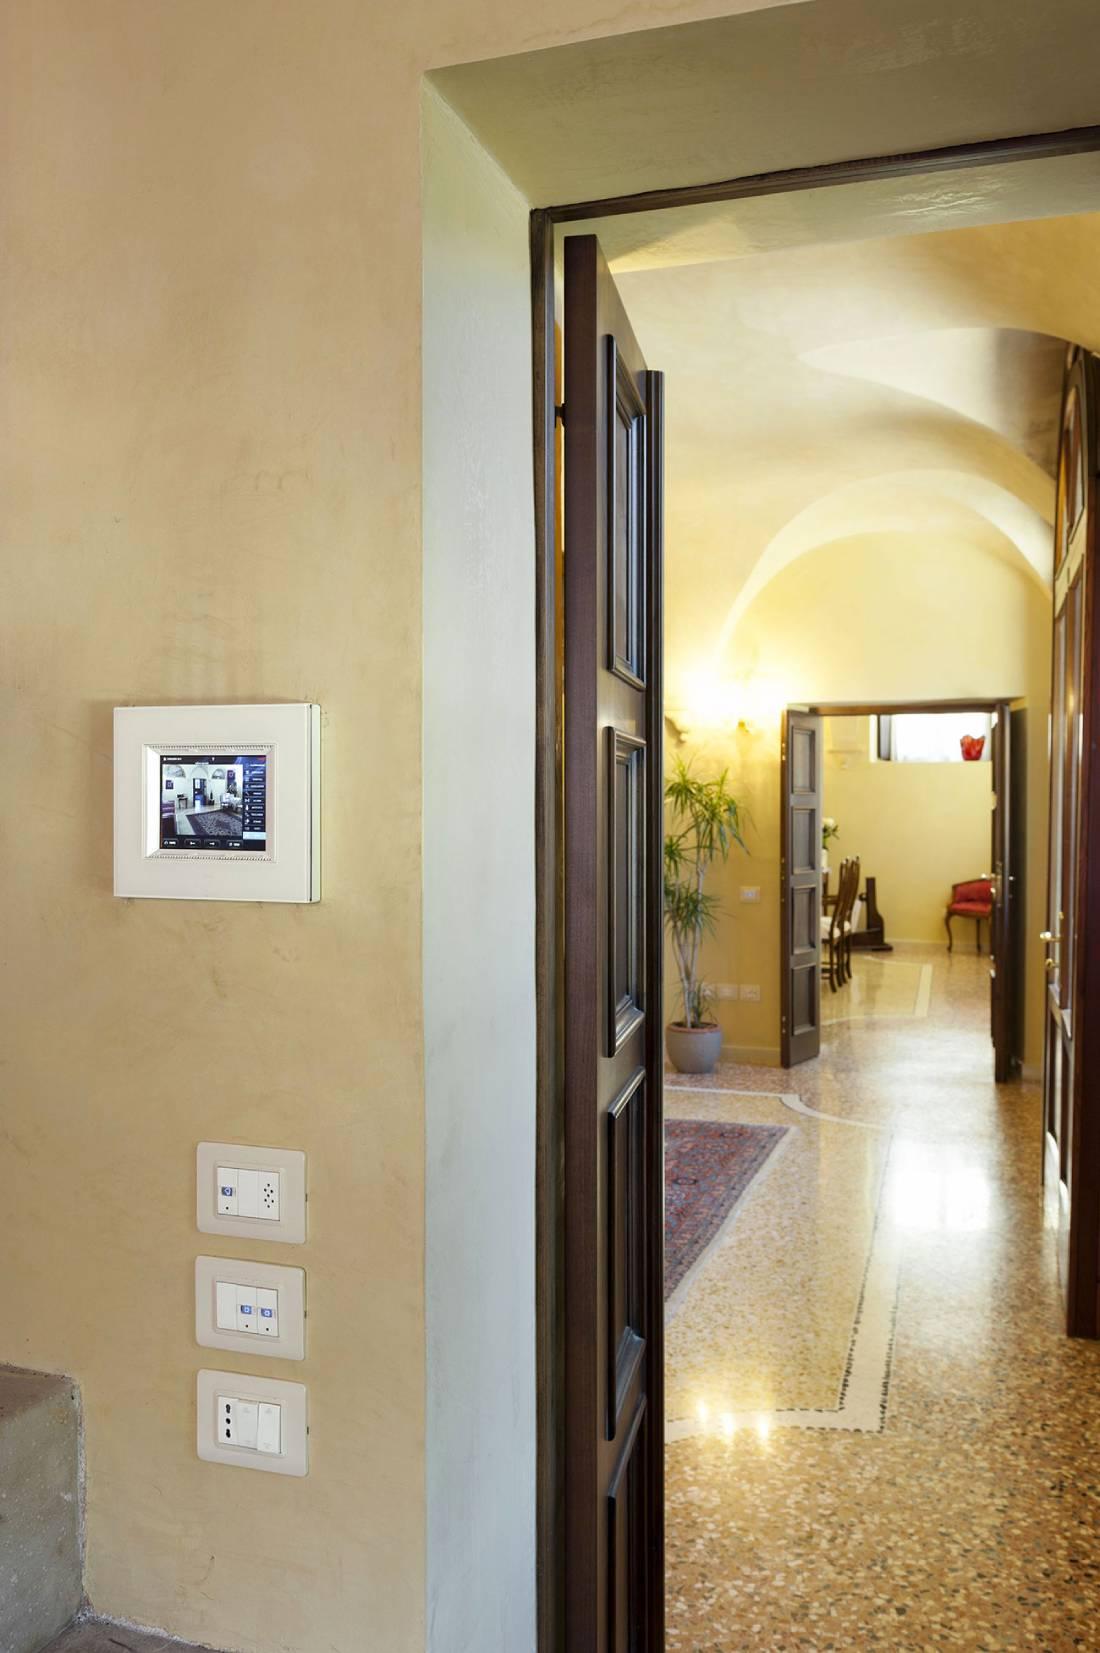 Domotica Cantina Villa Rinaldi Vr 1